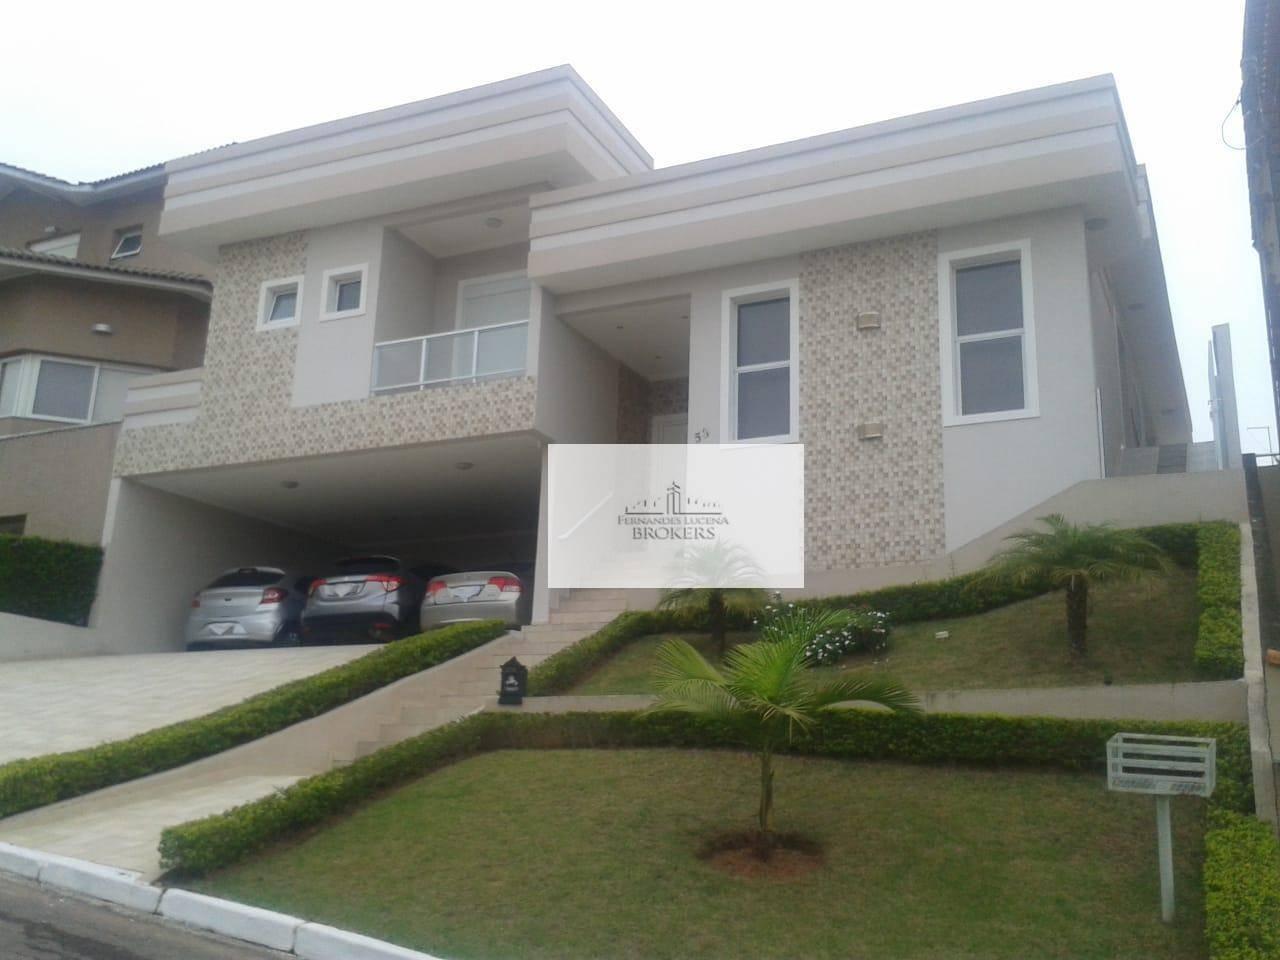 Casa com 3 dormitórios à venda, 300 m² por R$ 1.250.000 - Tarumã - Santana de Parnaíba/SP